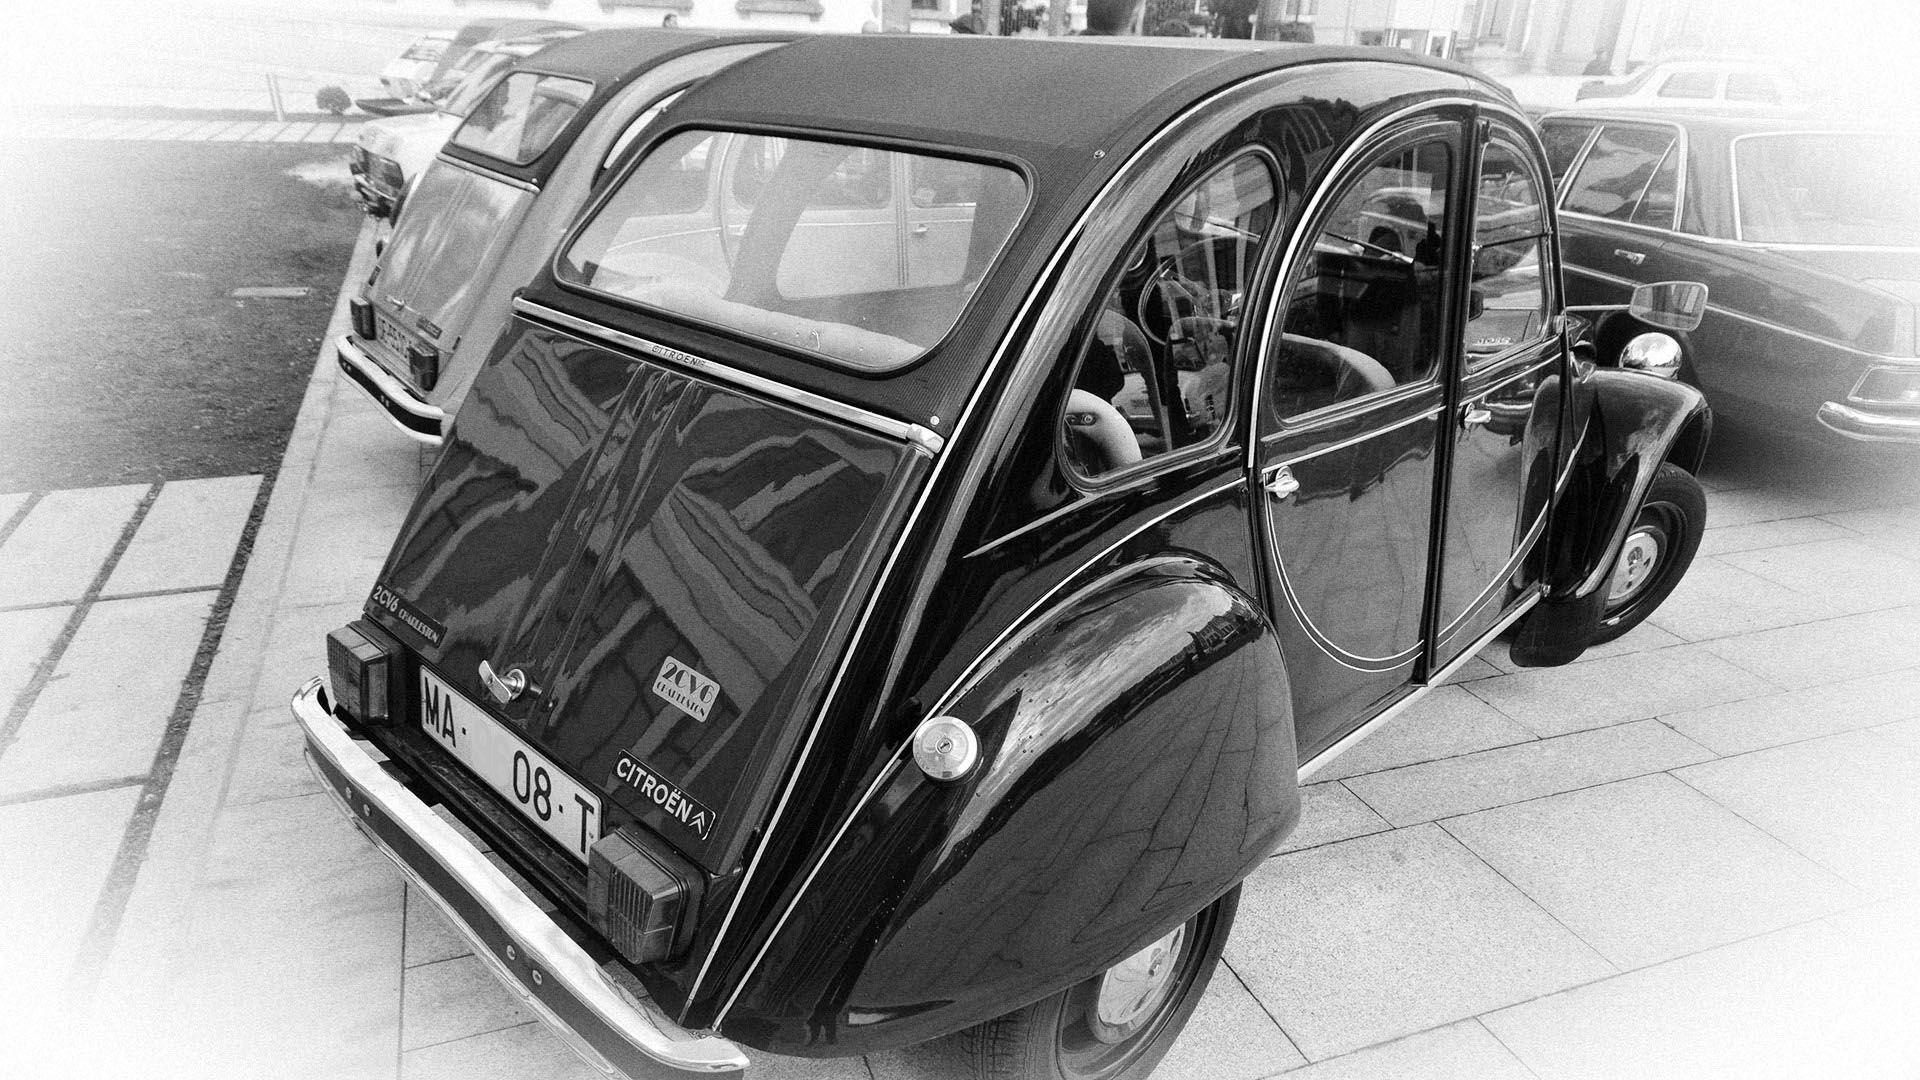 comprar coche clasico en españa